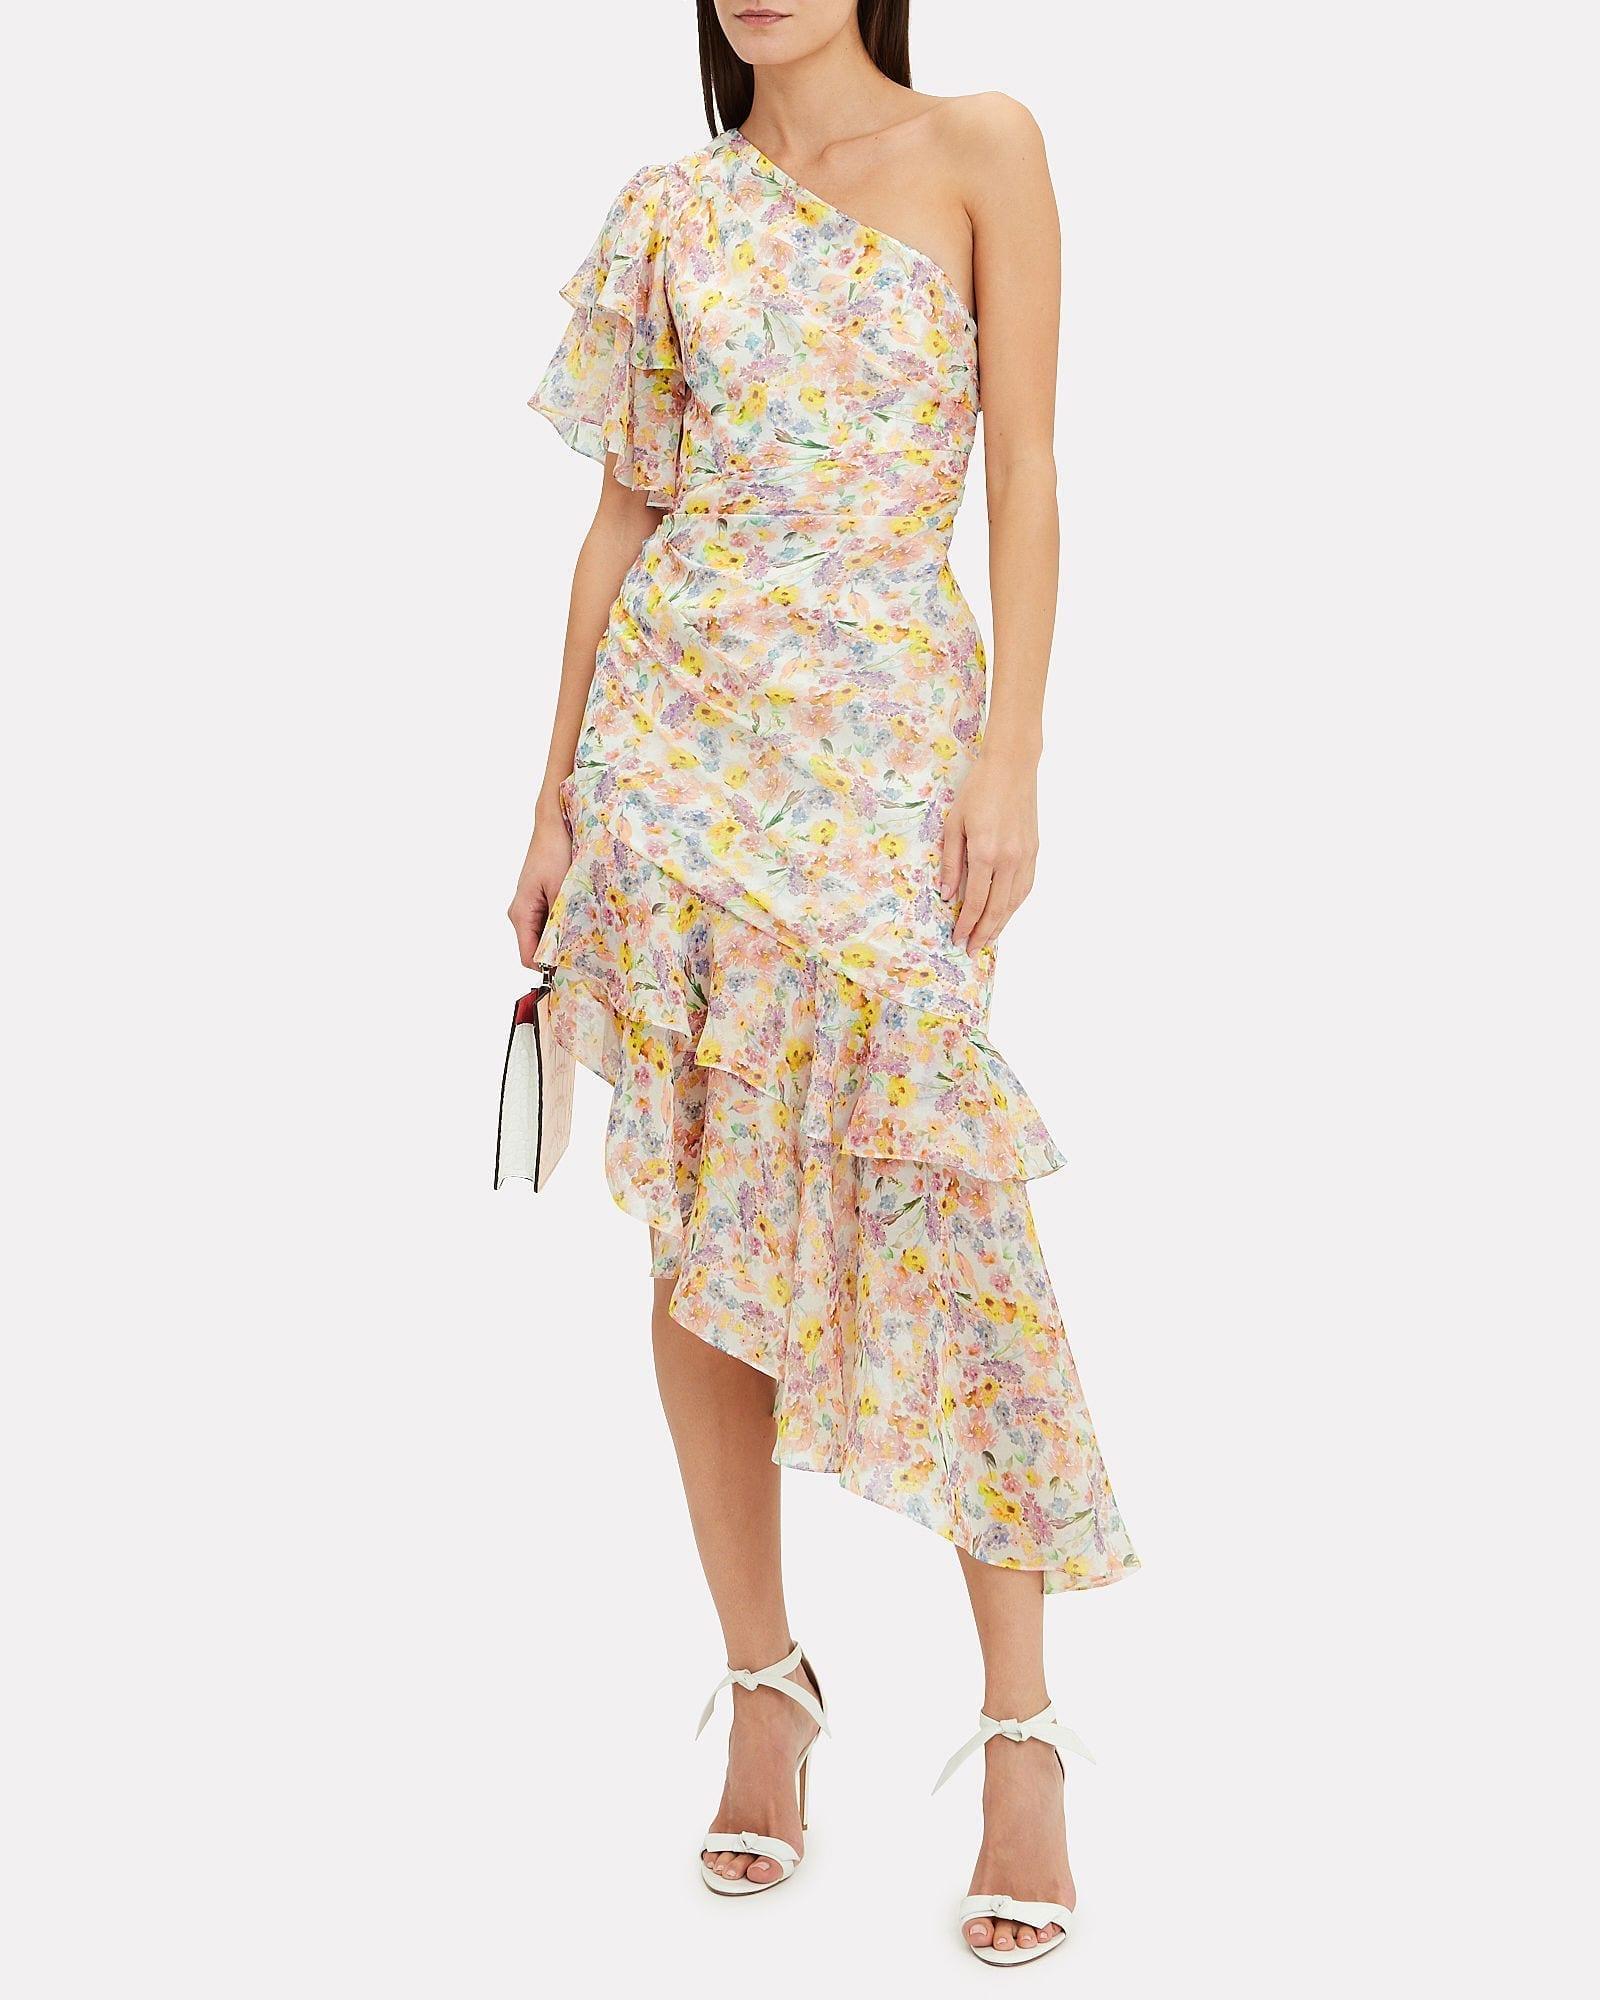 AMUR Clayton One Shoulder Floral Dress